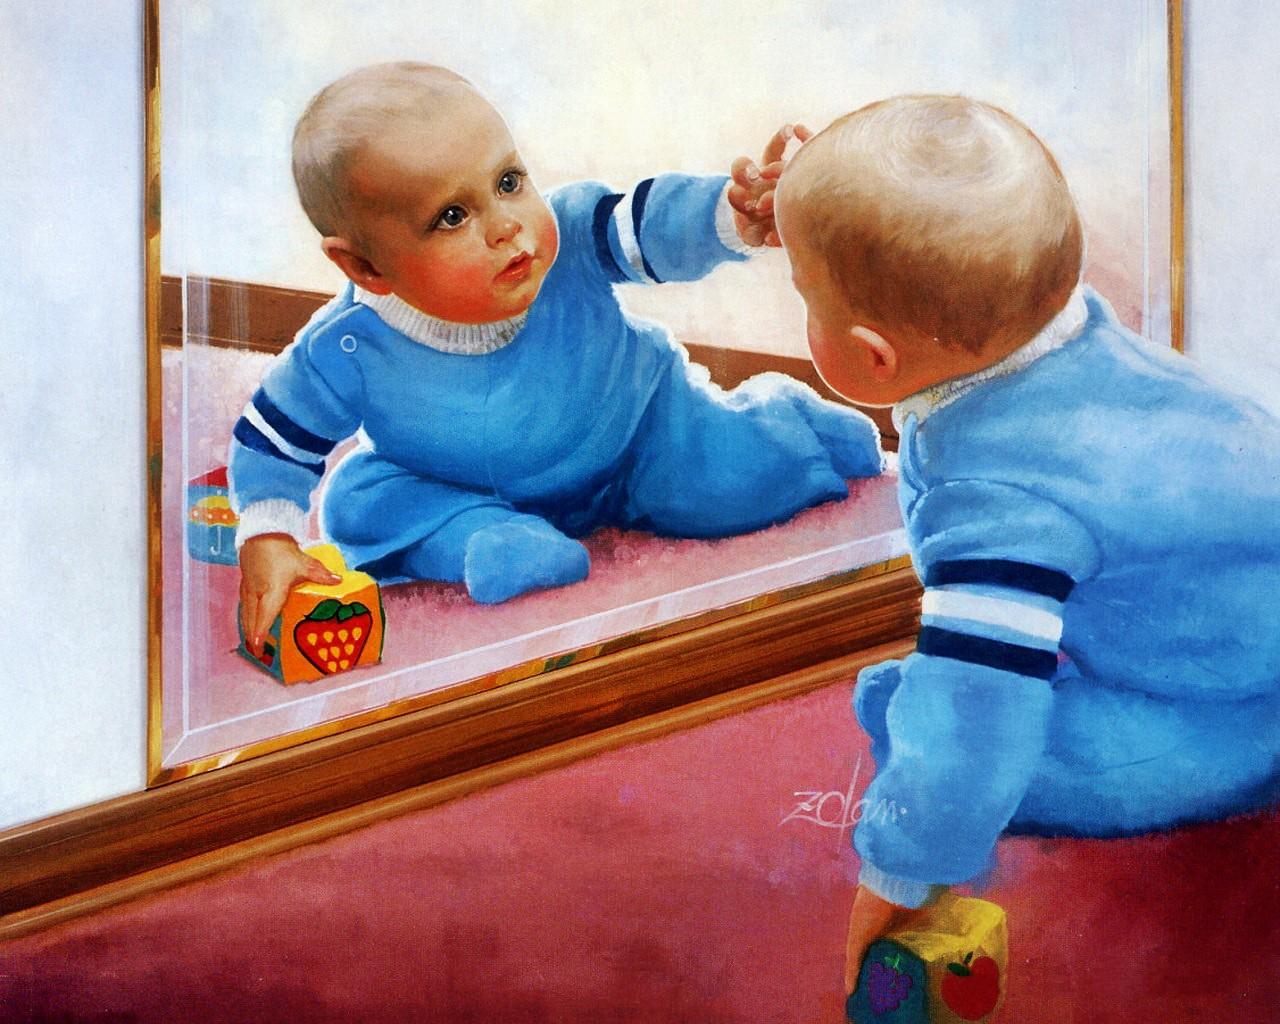 壁纸1280×1024令人怀念的美好童年油画壁纸 壁纸19壁纸 令人怀念的美好童年油壁纸图片绘画壁纸绘画图片素材桌面壁纸